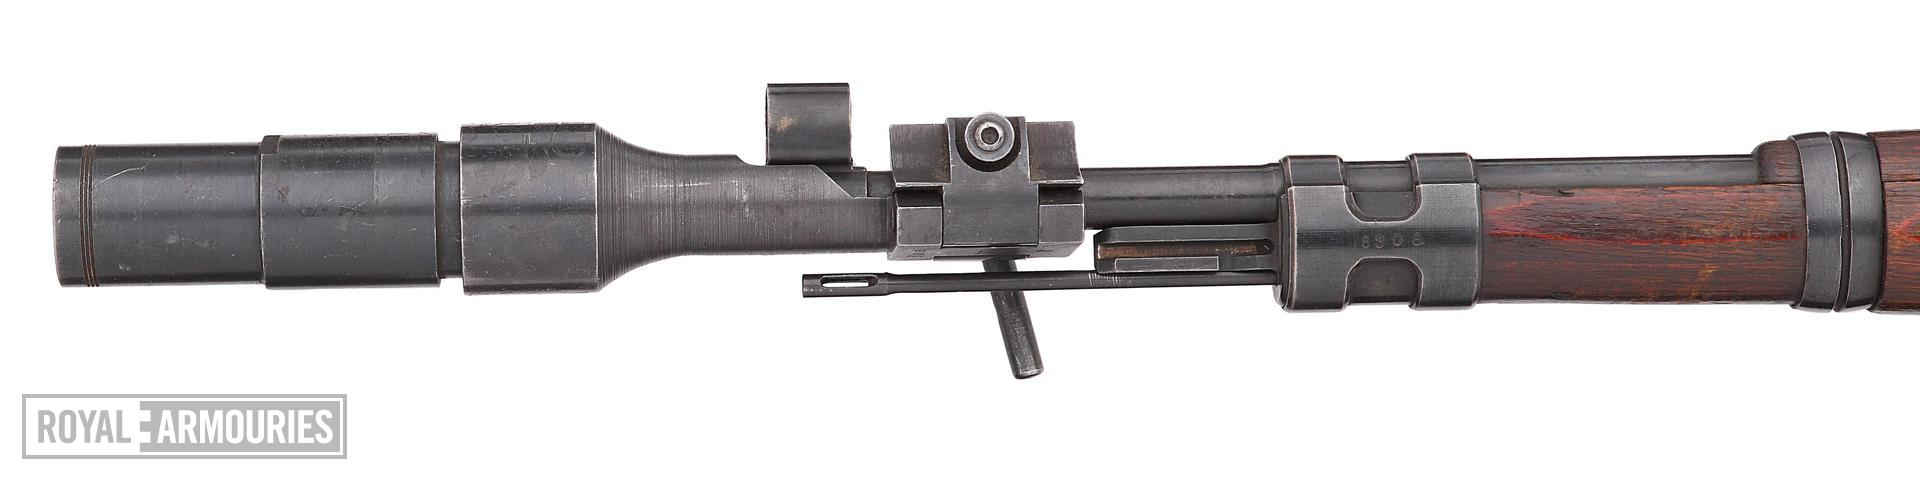 Grenade discharger